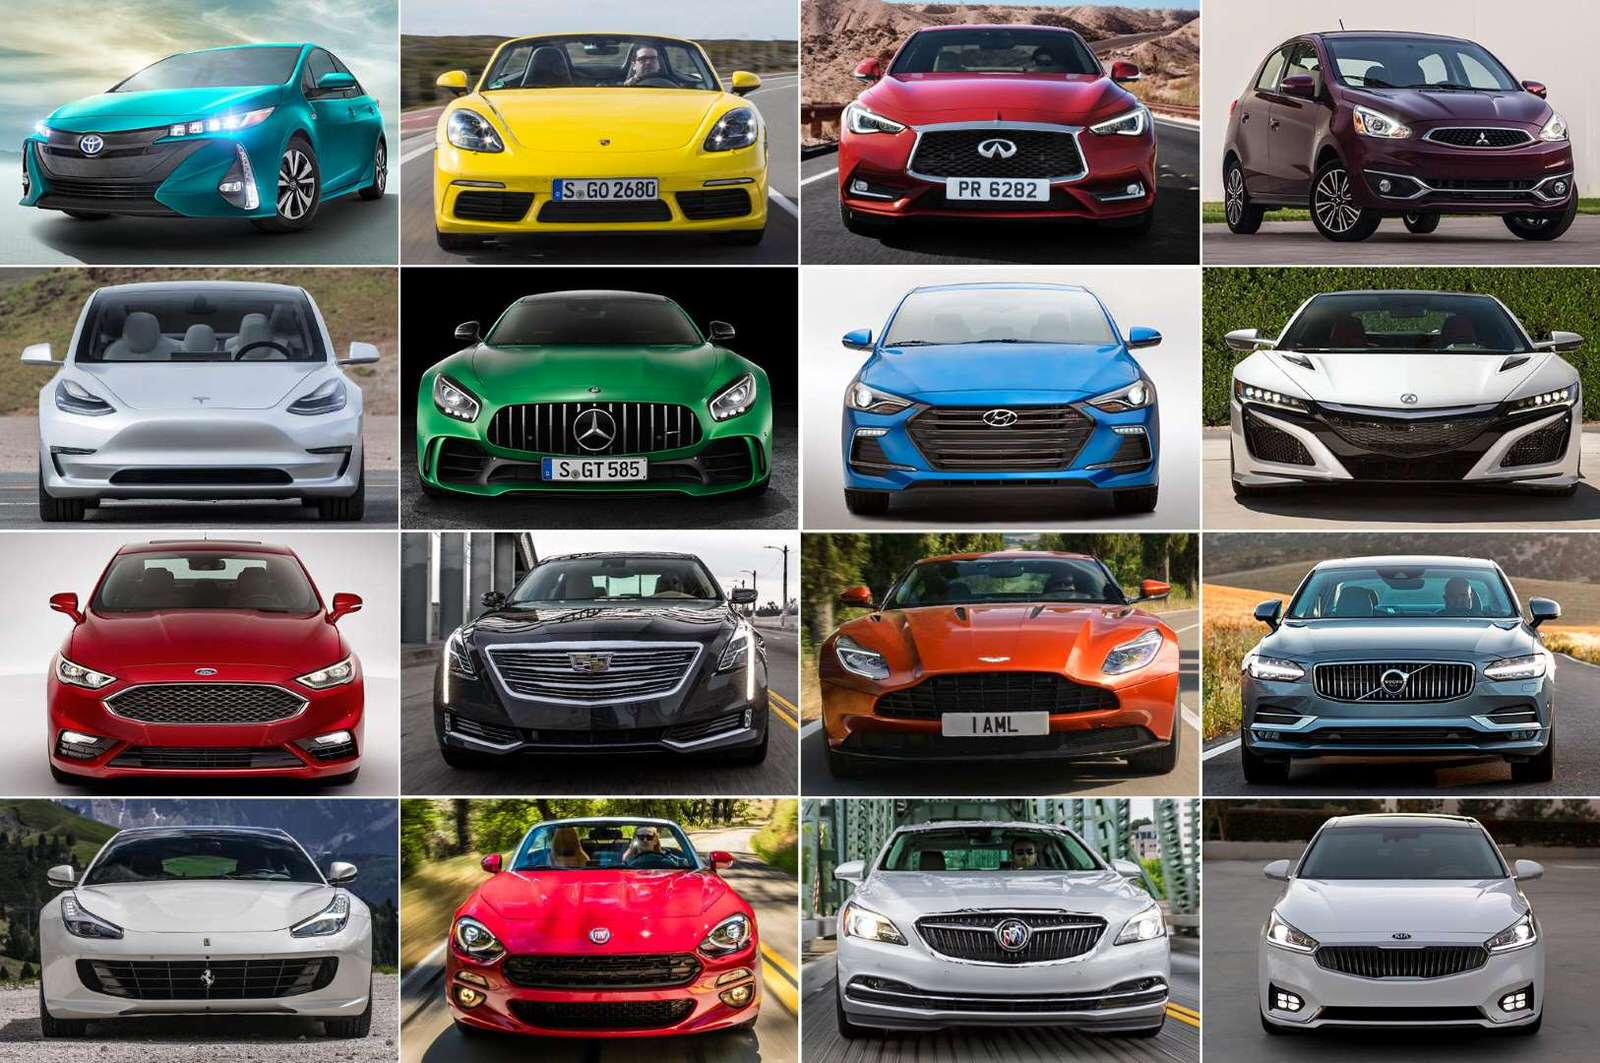 Immatricolazioni auto Novembre 2017: dati e classifica dei modelli più venduti in Italia